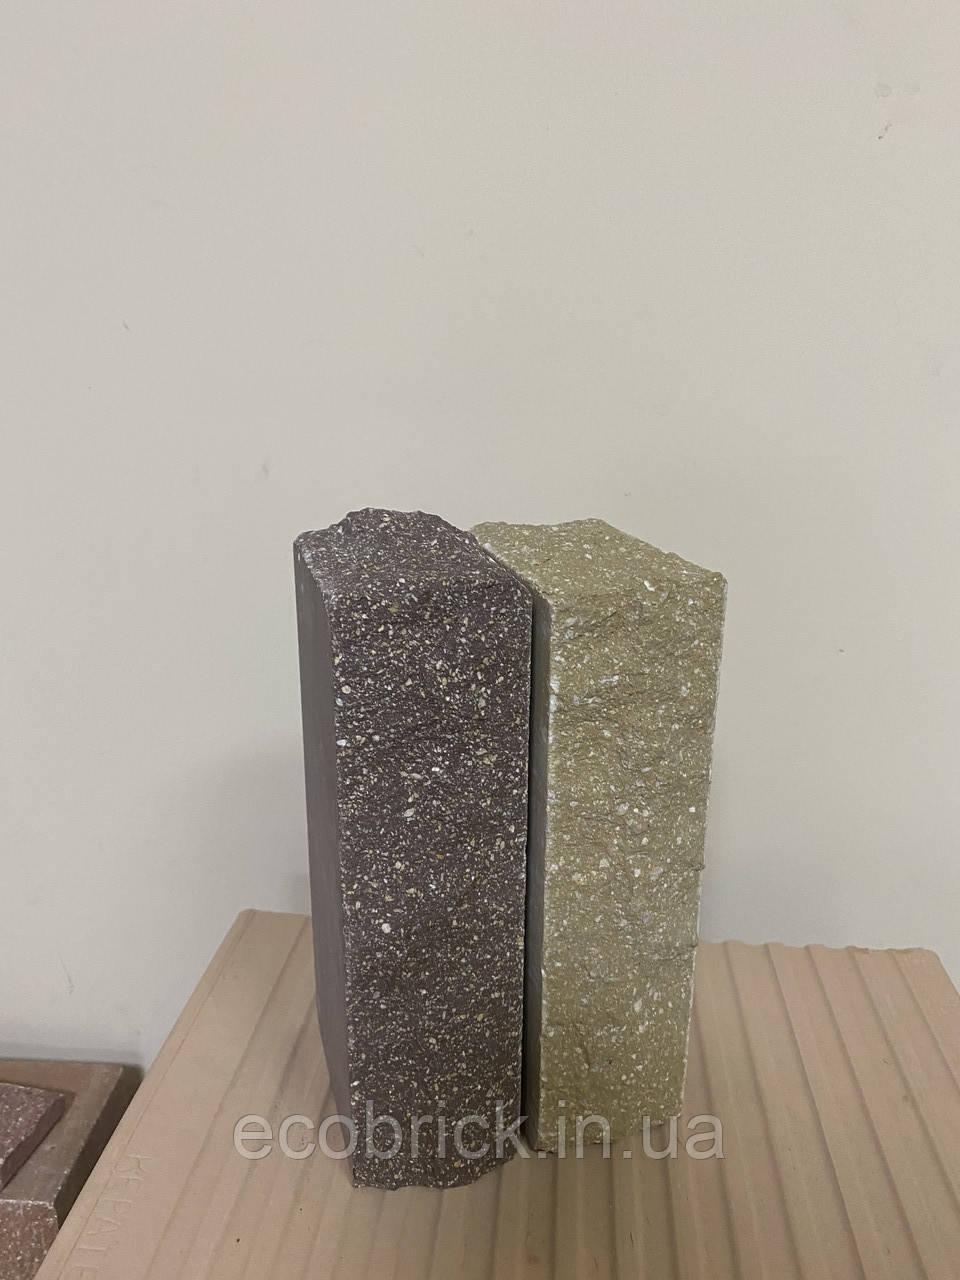 Кирпич облицовочный ECOBRICK скала ложок-тычок 230x100x65 мм коричневый, оливковый